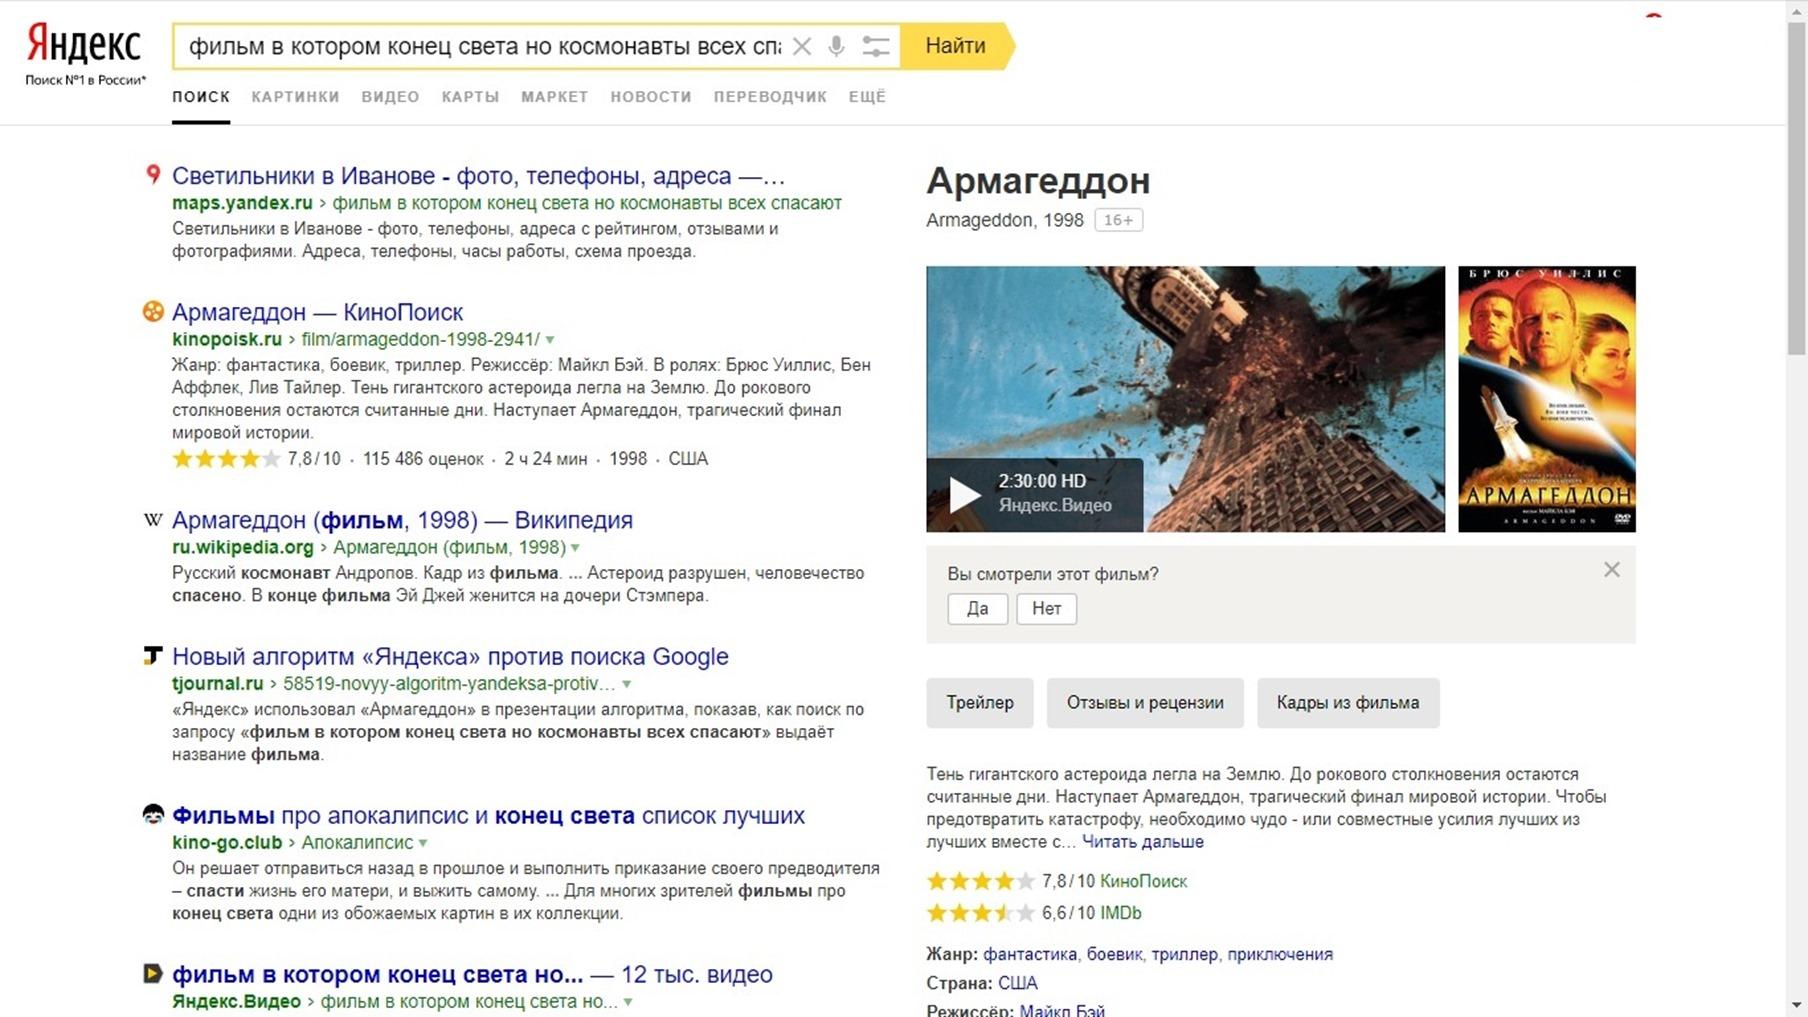 Яндекс Королёв. Алгоритм